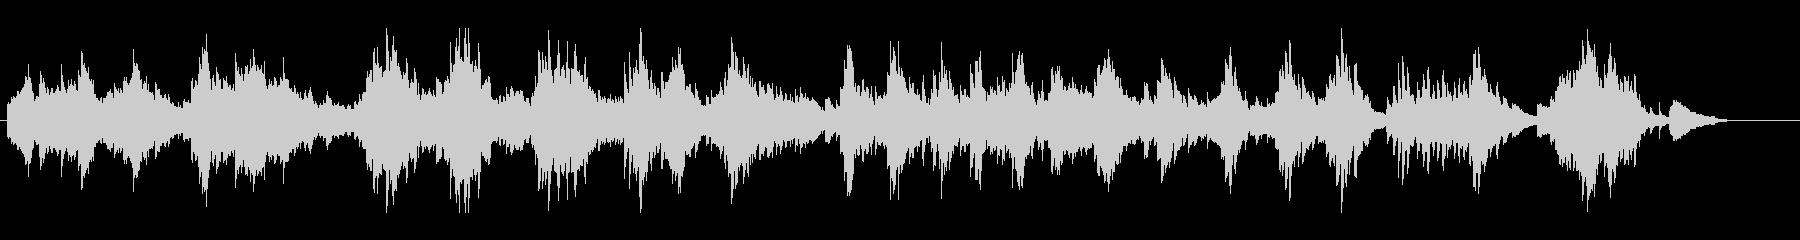 感情的なソロアコースティックピアノ...の未再生の波形